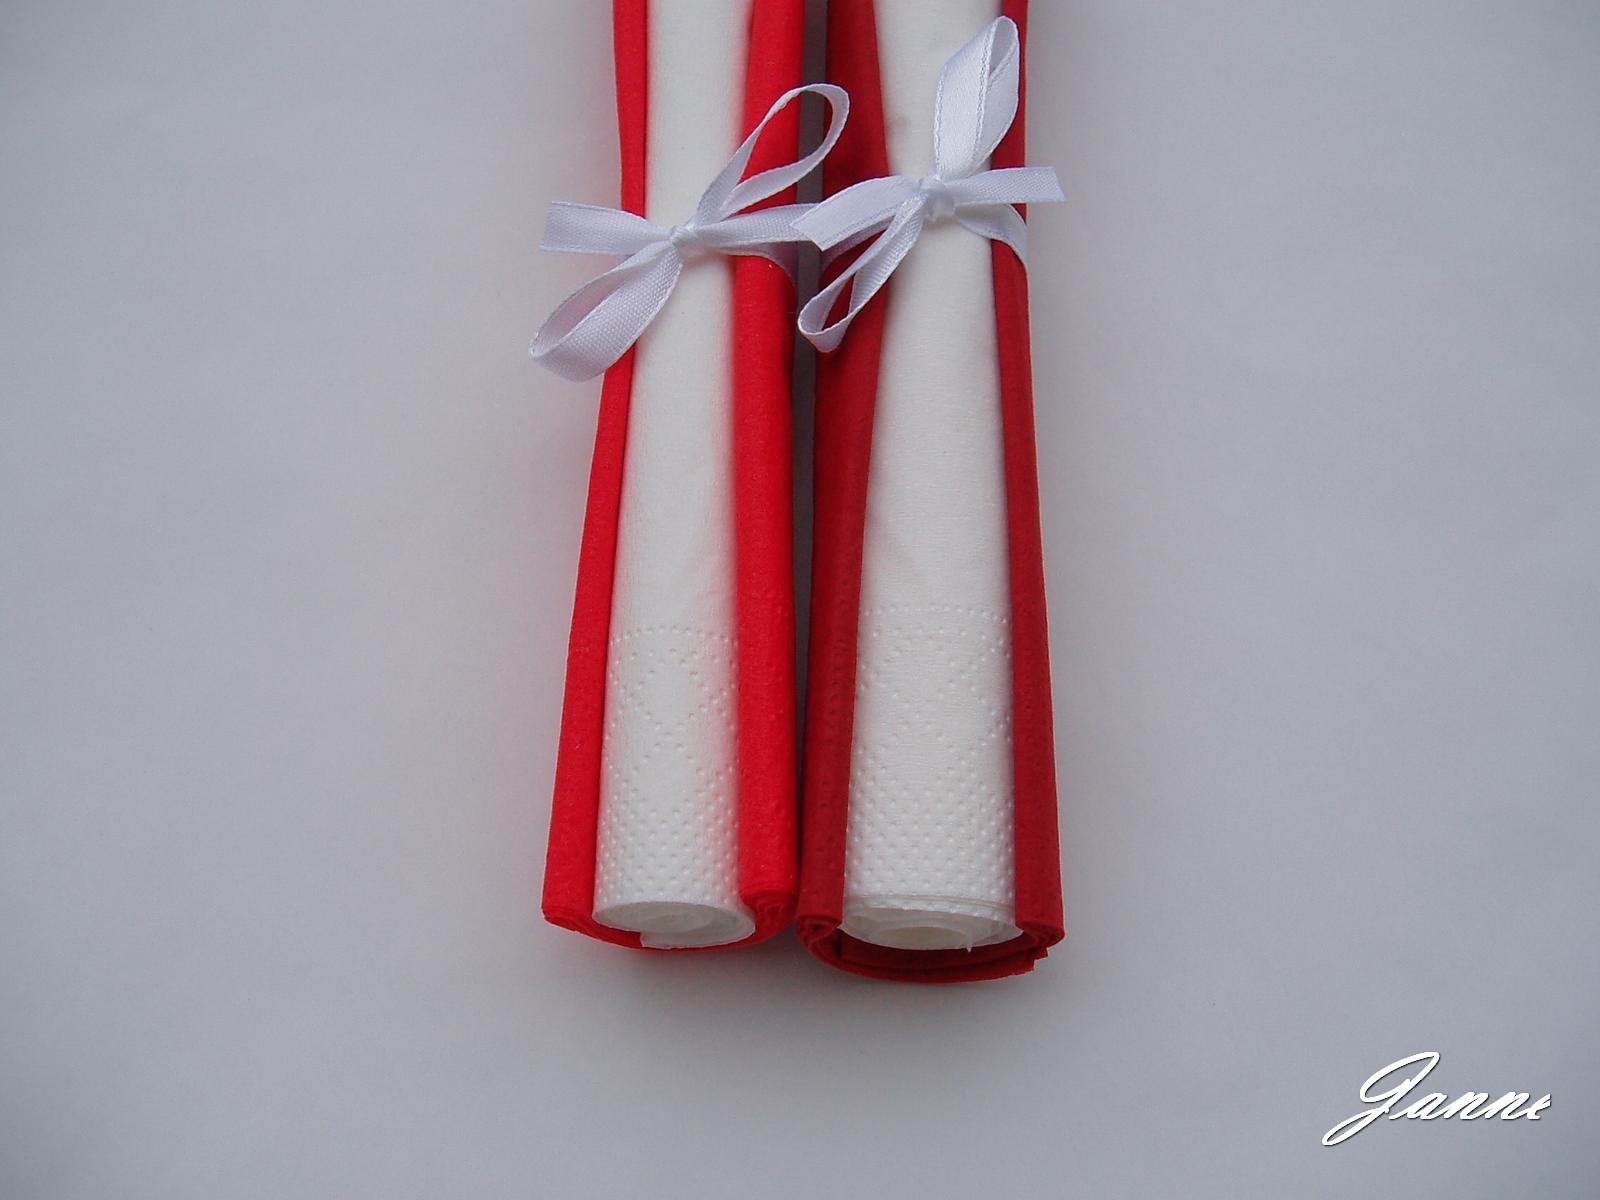 ubrousky červené-bílé - Obrázek č. 1